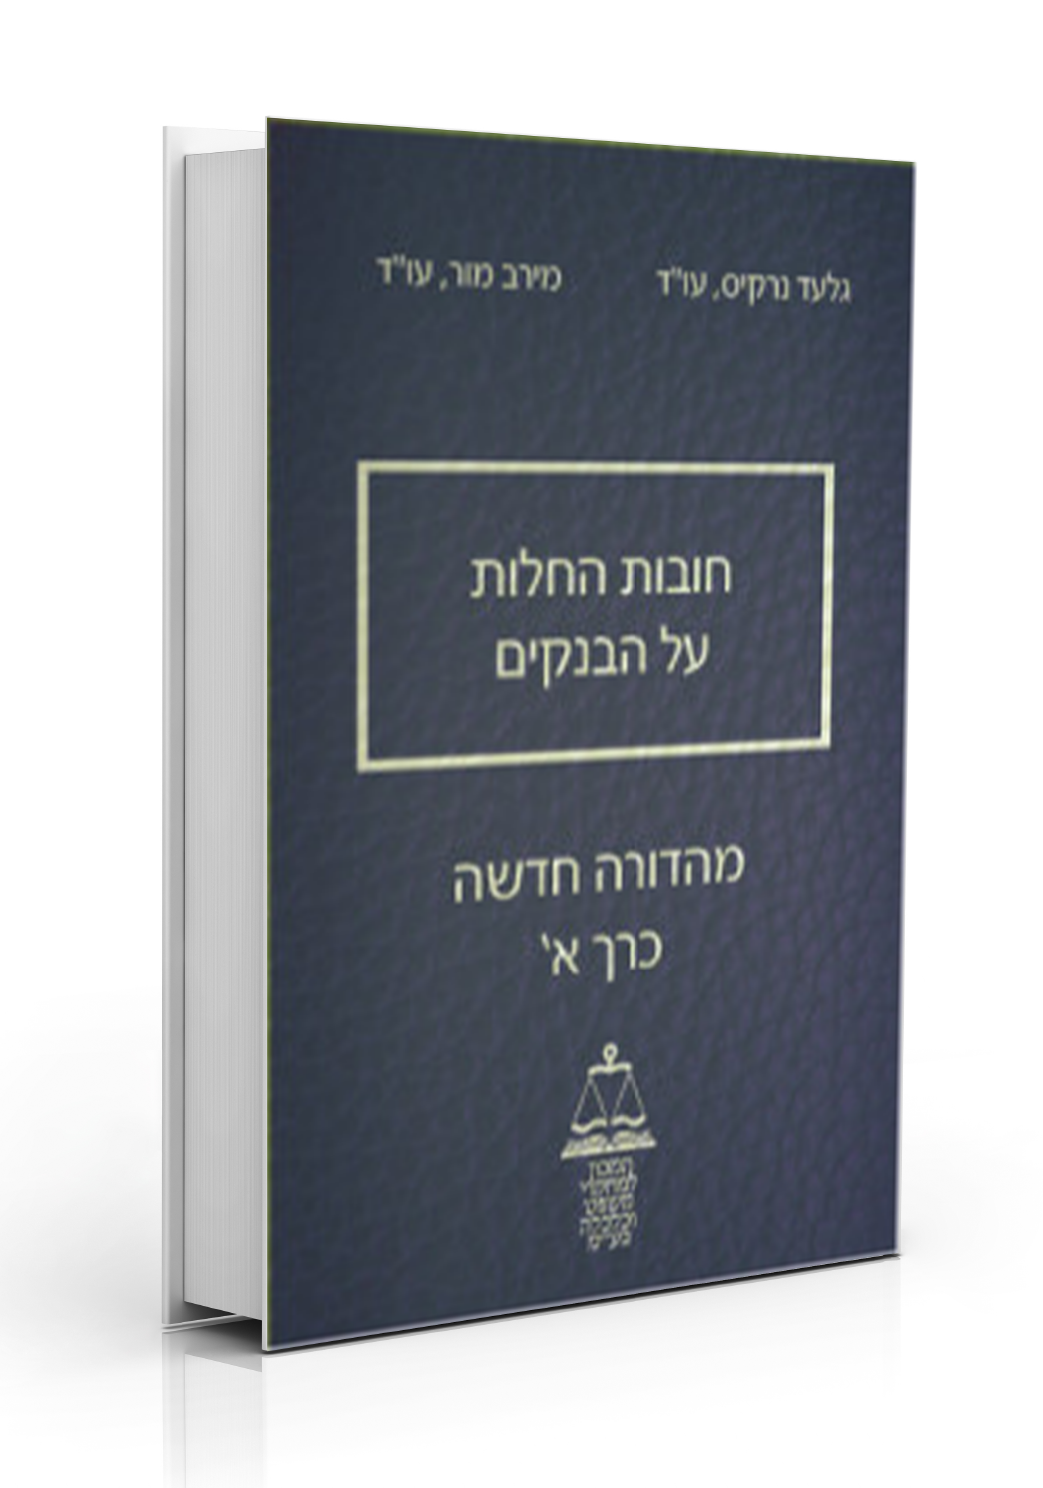 ספר חובות החלות על הבנקים מאת עו״ד גלעד נרקיס